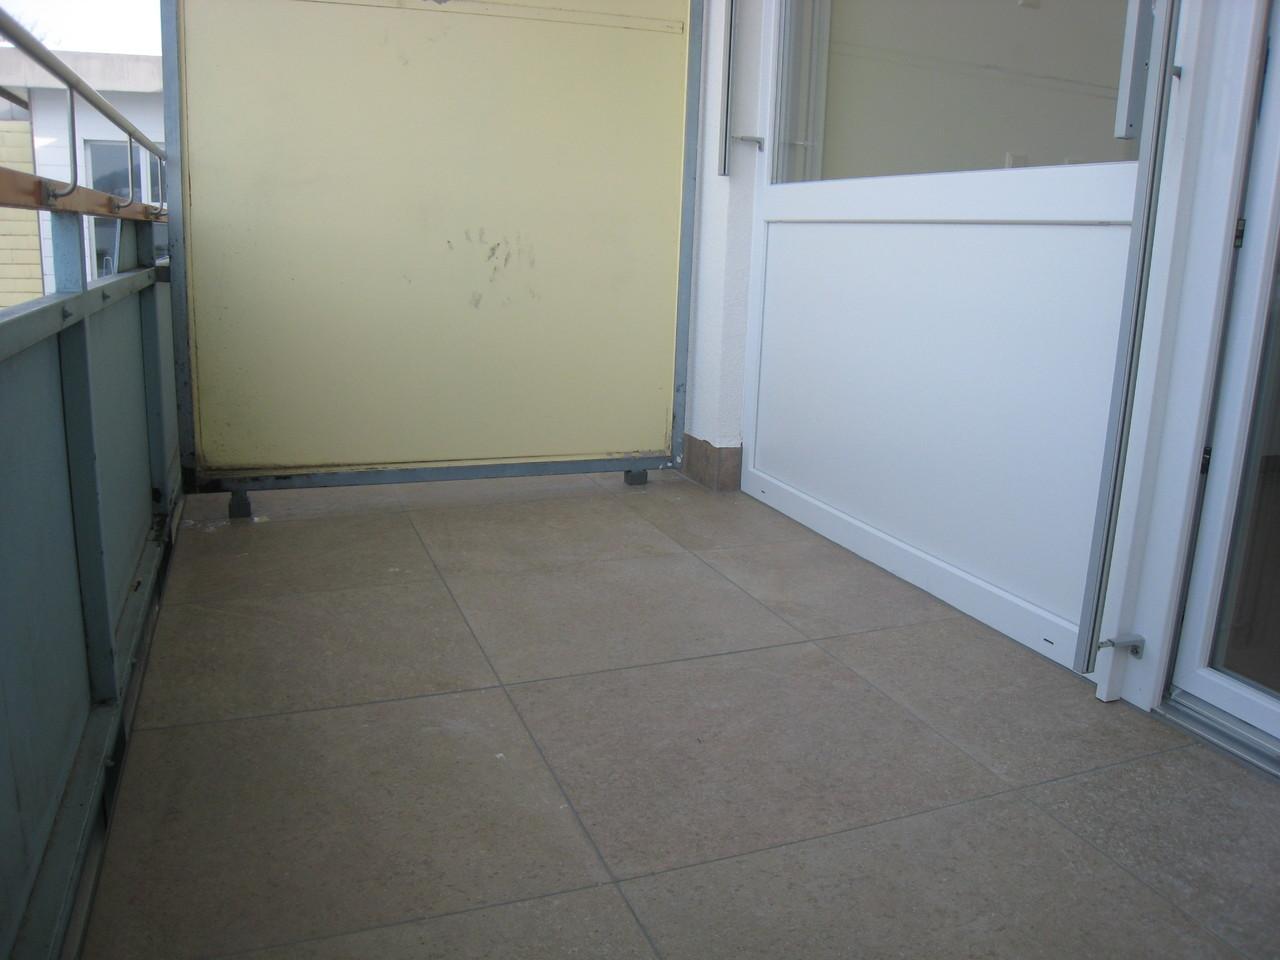 Balkon 1 - nach Sanierung mit F-auf- F System